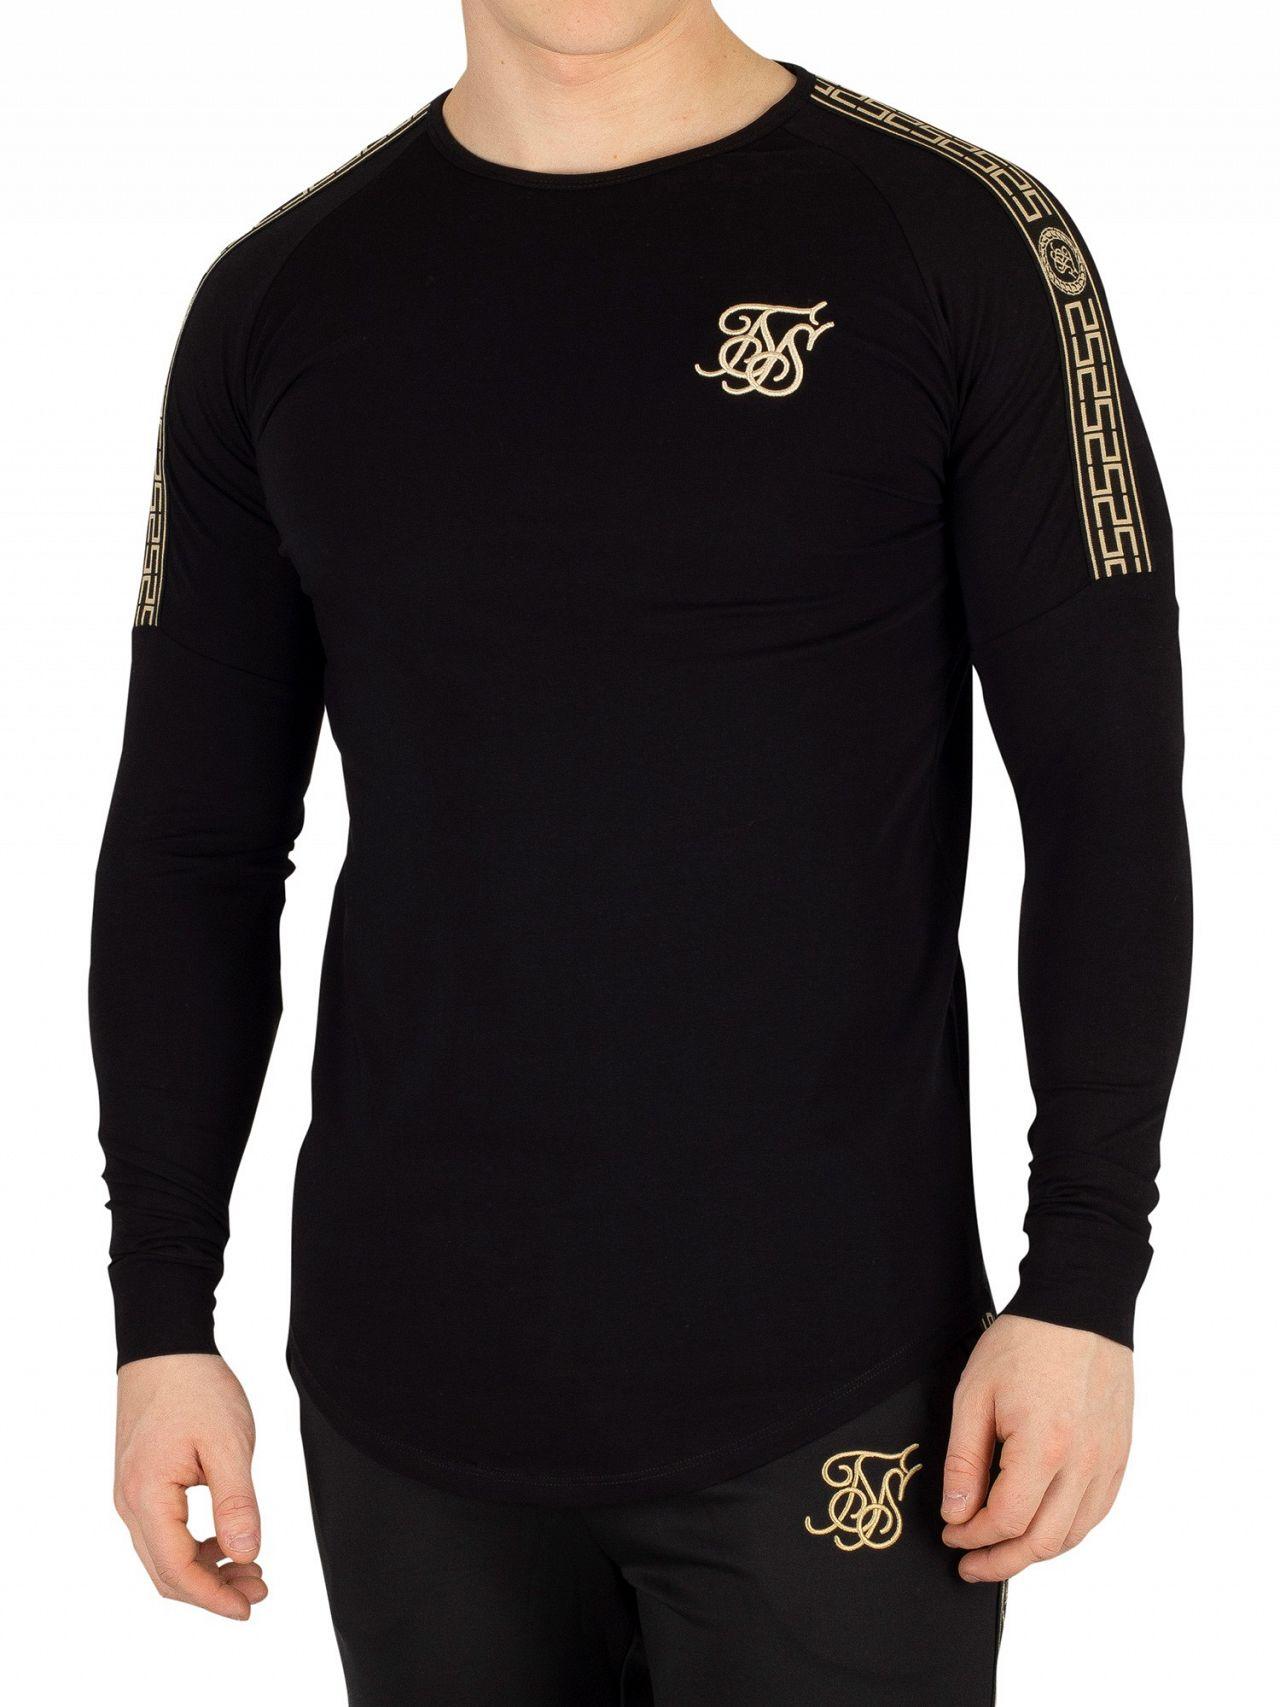 dfa7afab4bb35 Sik Silk Black Cartel Longsleeved Gym T-Shirt